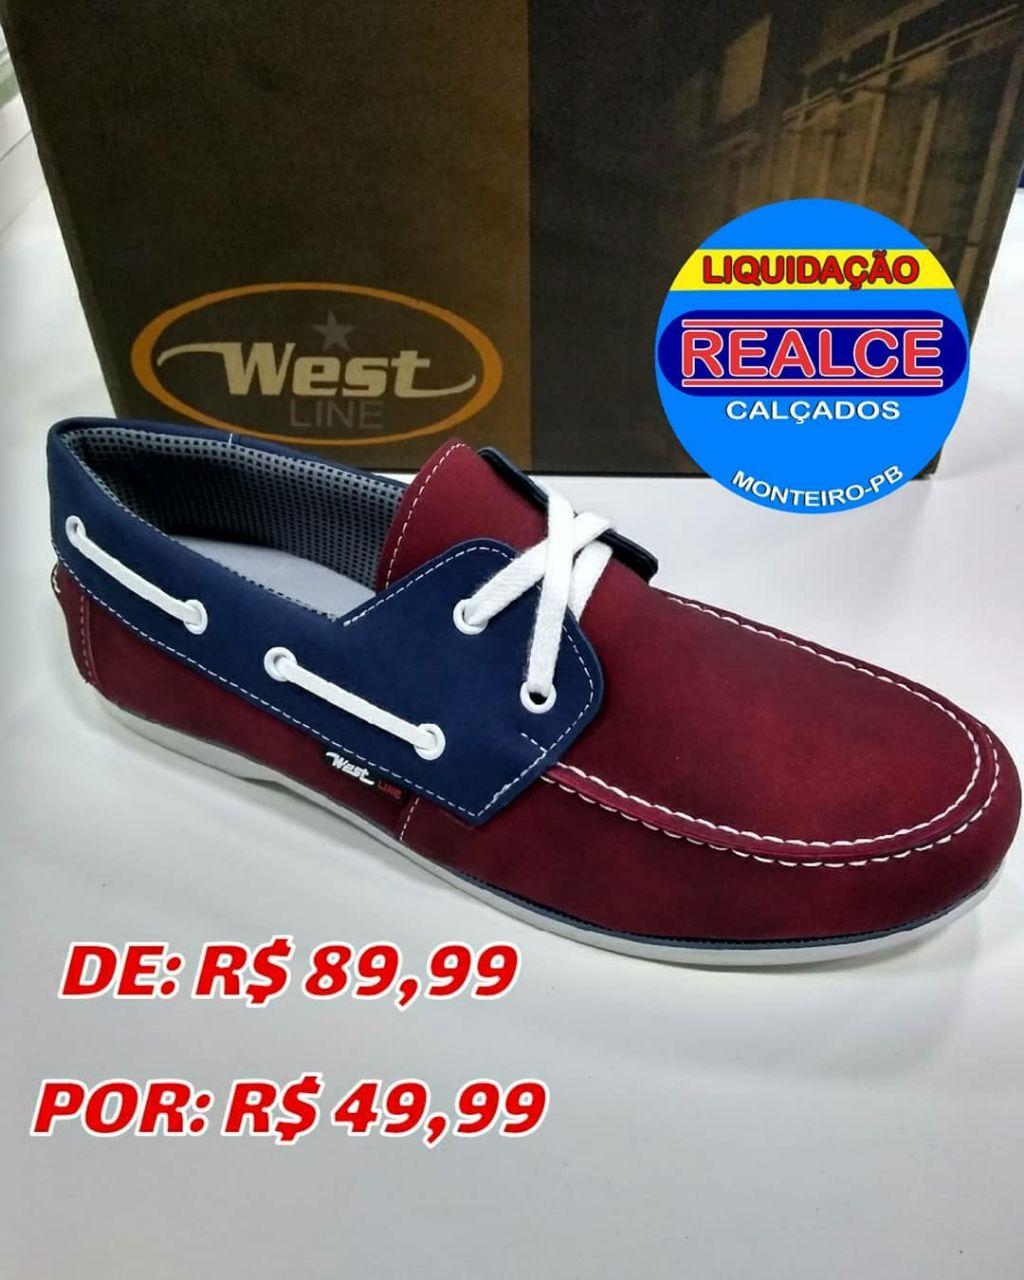 IMG-20180725-WA0210-819x1024 O melhor preço, o maior prazo e as melhores ofertas da região no setor da moda só a realce calçados de Monteiro tem.